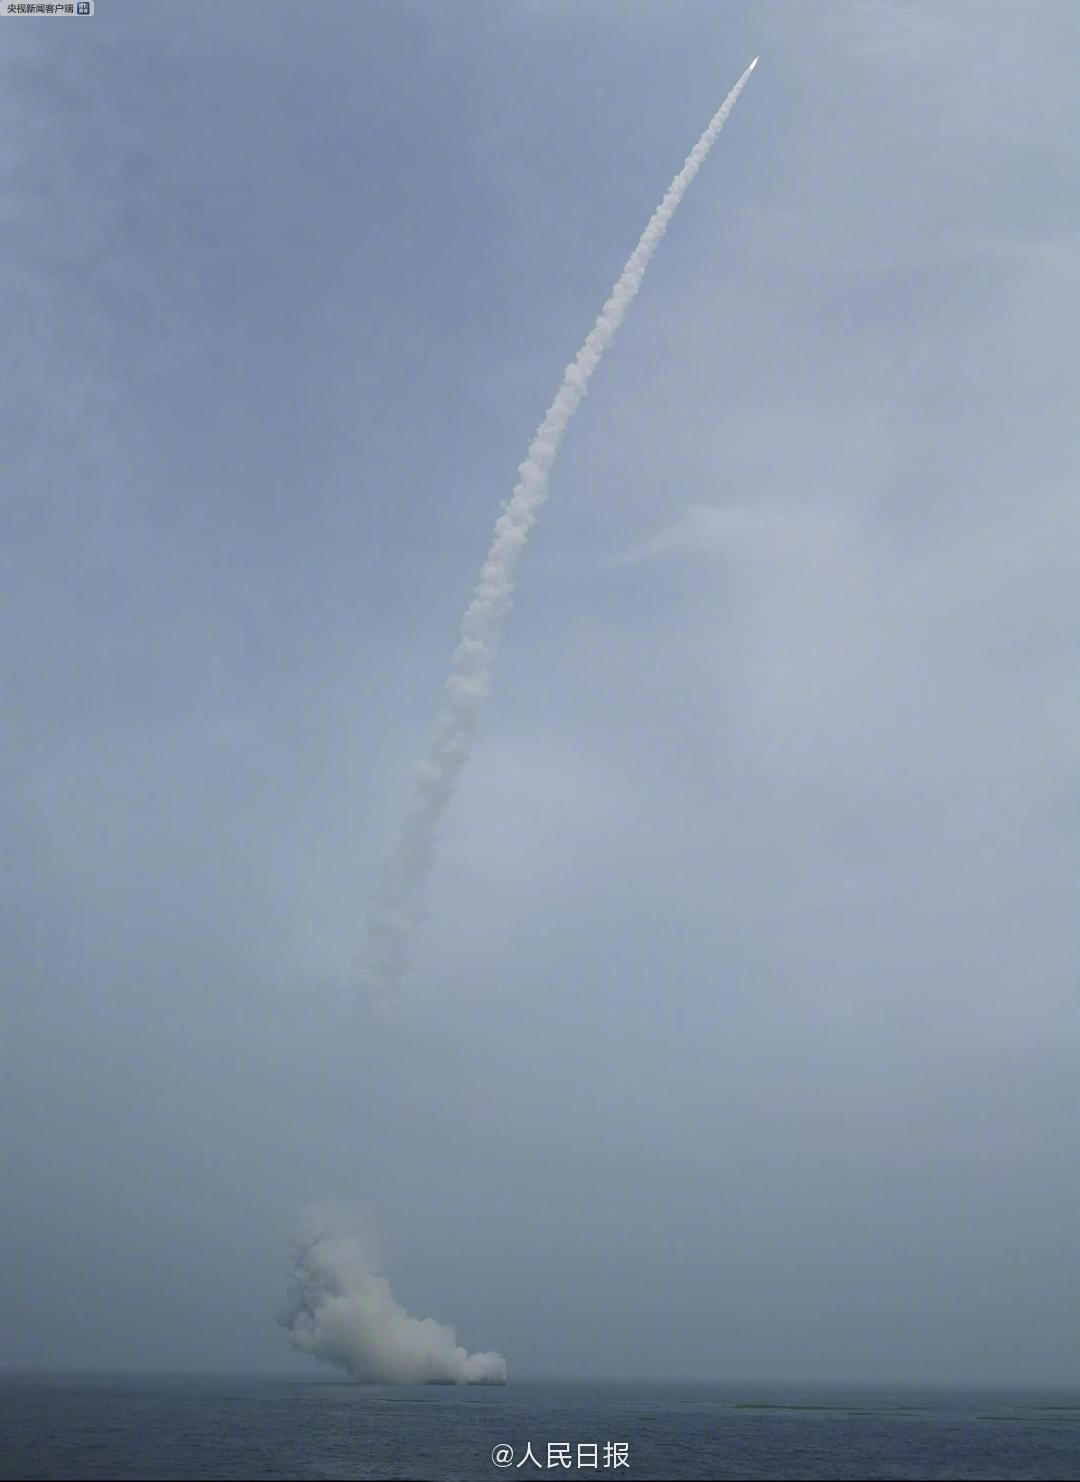 固體運載火箭,長征11號成功發射,長征11號